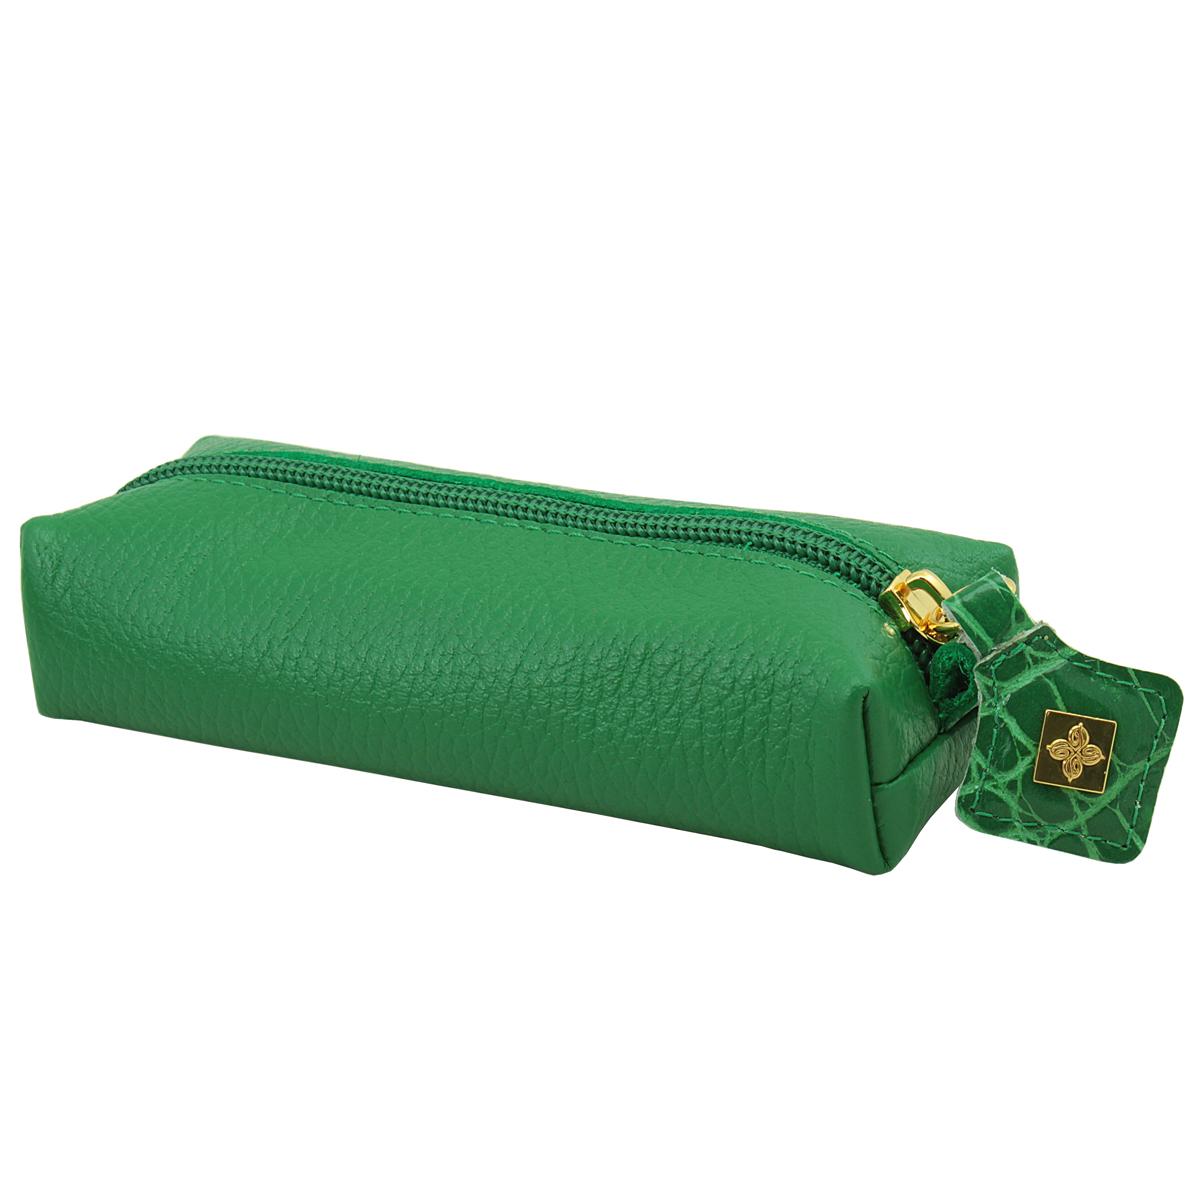 Ключница Dimanche Казино, цвет: зеленый. 989Колье (короткие одноярусные бусы)Компактная ключница Казино - стильная вещь для хранения ключей. Ключница выполнена из натуральной кожи. Состоит из одного отделения, закрывающегося на застежку-молнию. Внутри ключницы на кожаной петле крепится металлическое кольцо для ключей. Характеристики: Цвет: зеленый. Материал: натуральная кожа, металл. Размер: 14,5 см x 5,5 см x 3,5 см. Изготовитель: Россия. Артикул: 989